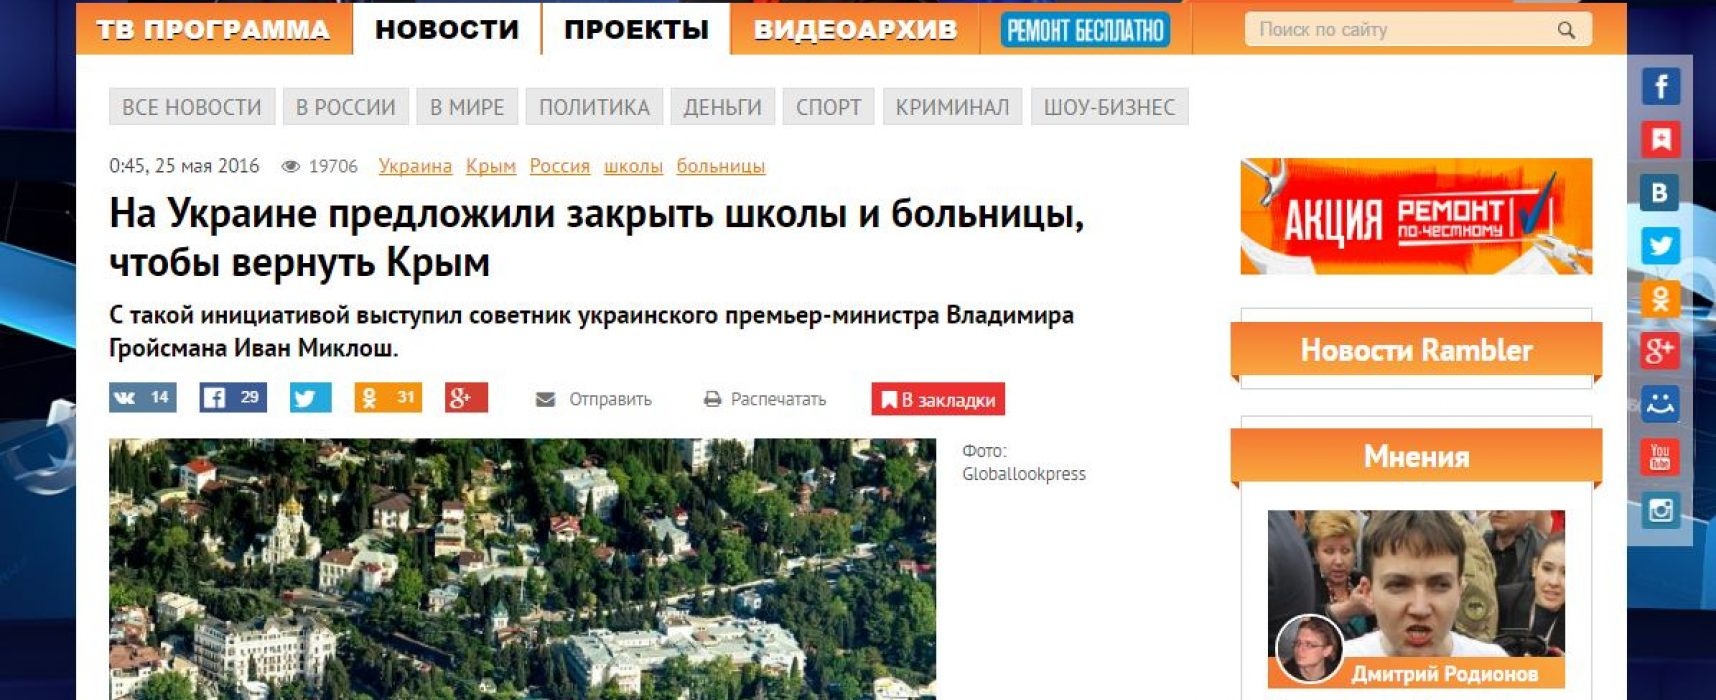 Fake: L'Ukraine va fermer les écoles et les hôpitaux pour réintégrer la Crimée